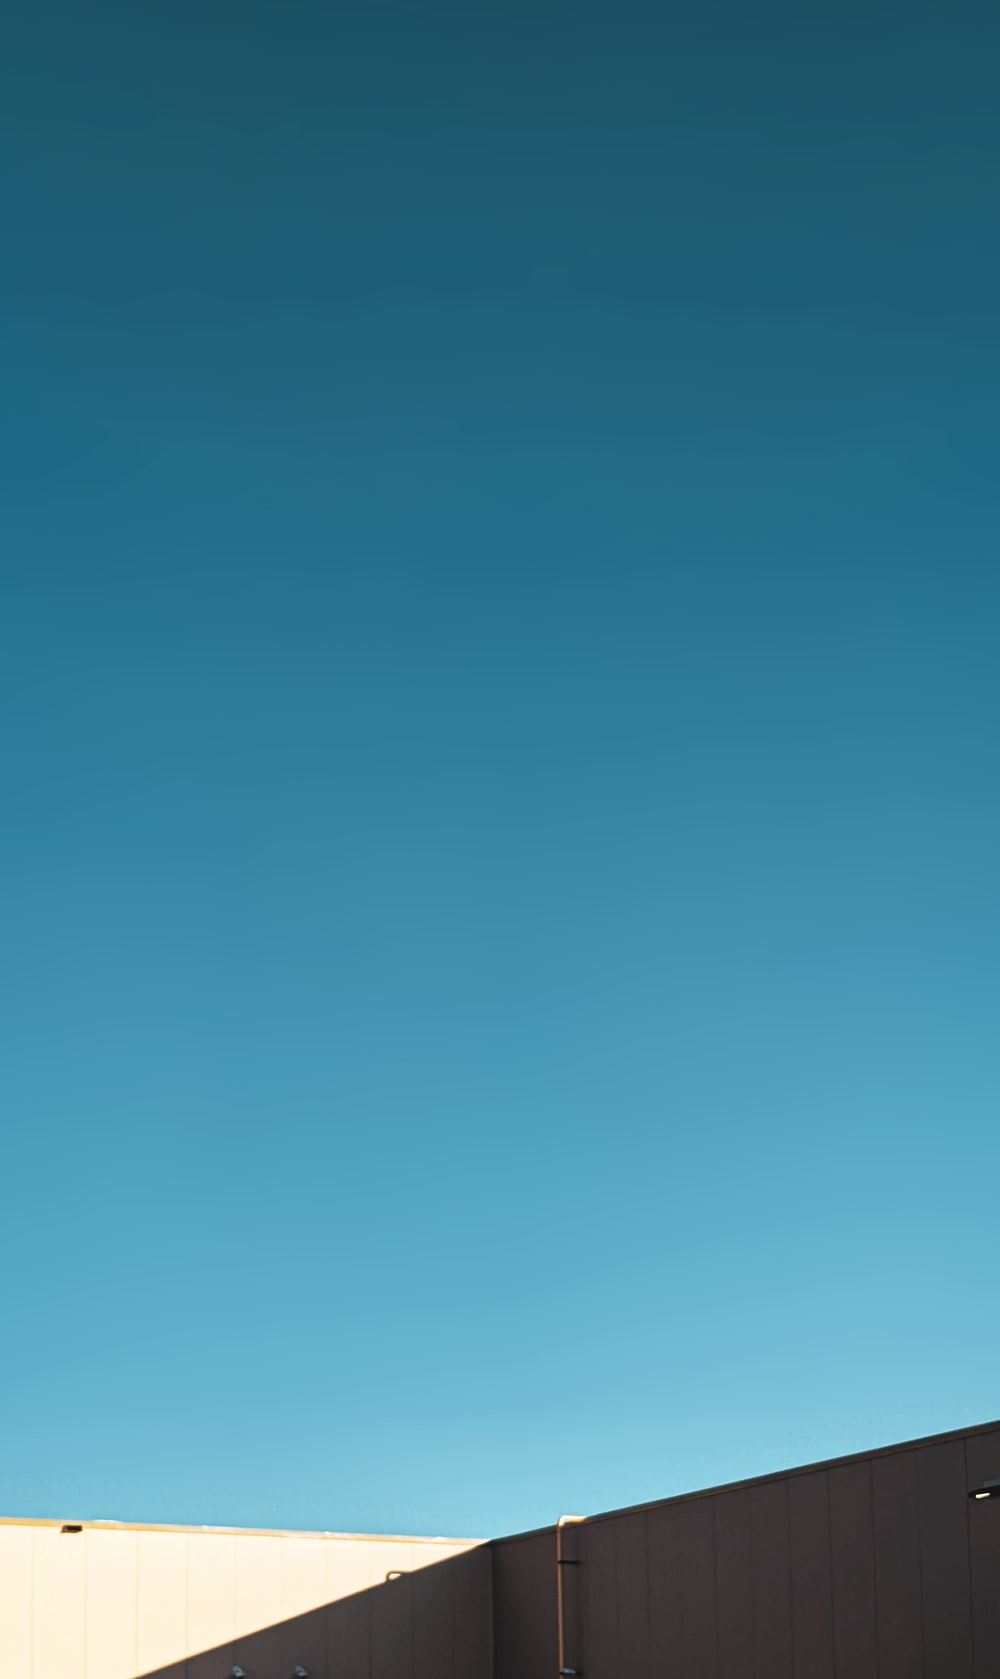 blue sky over the city